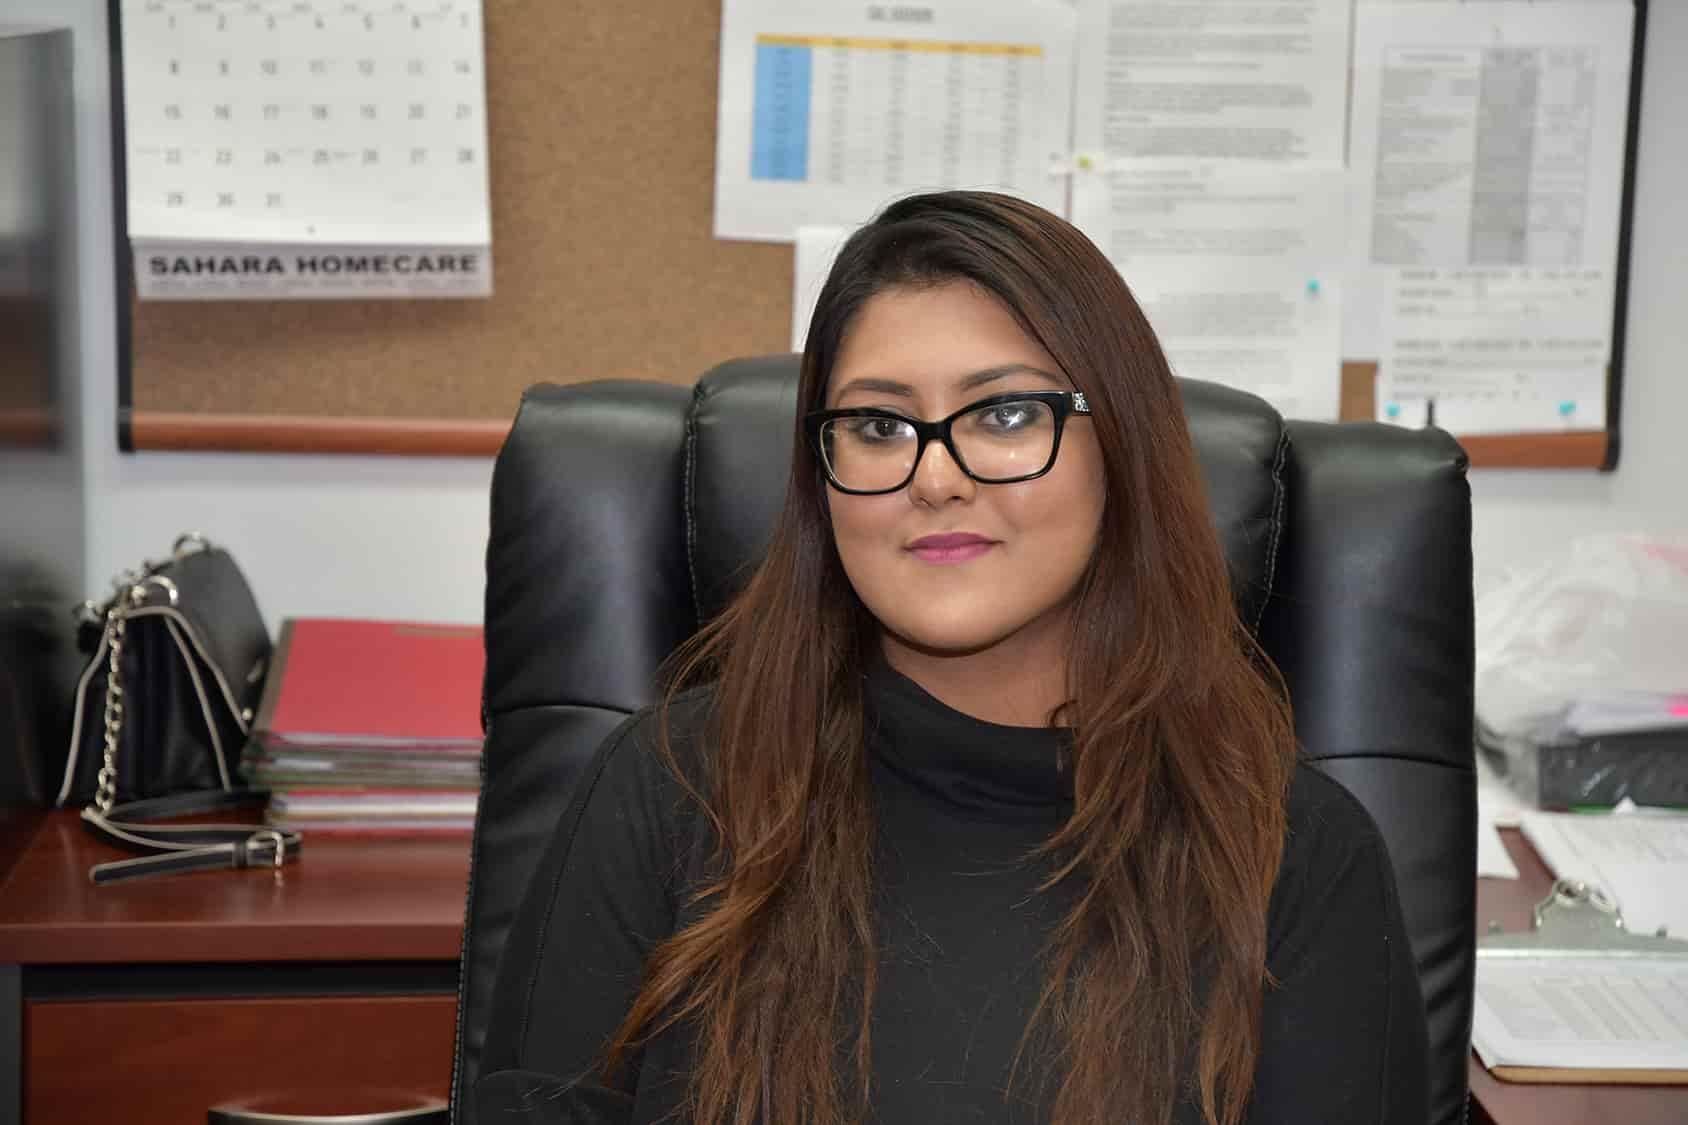 Maha Waheed